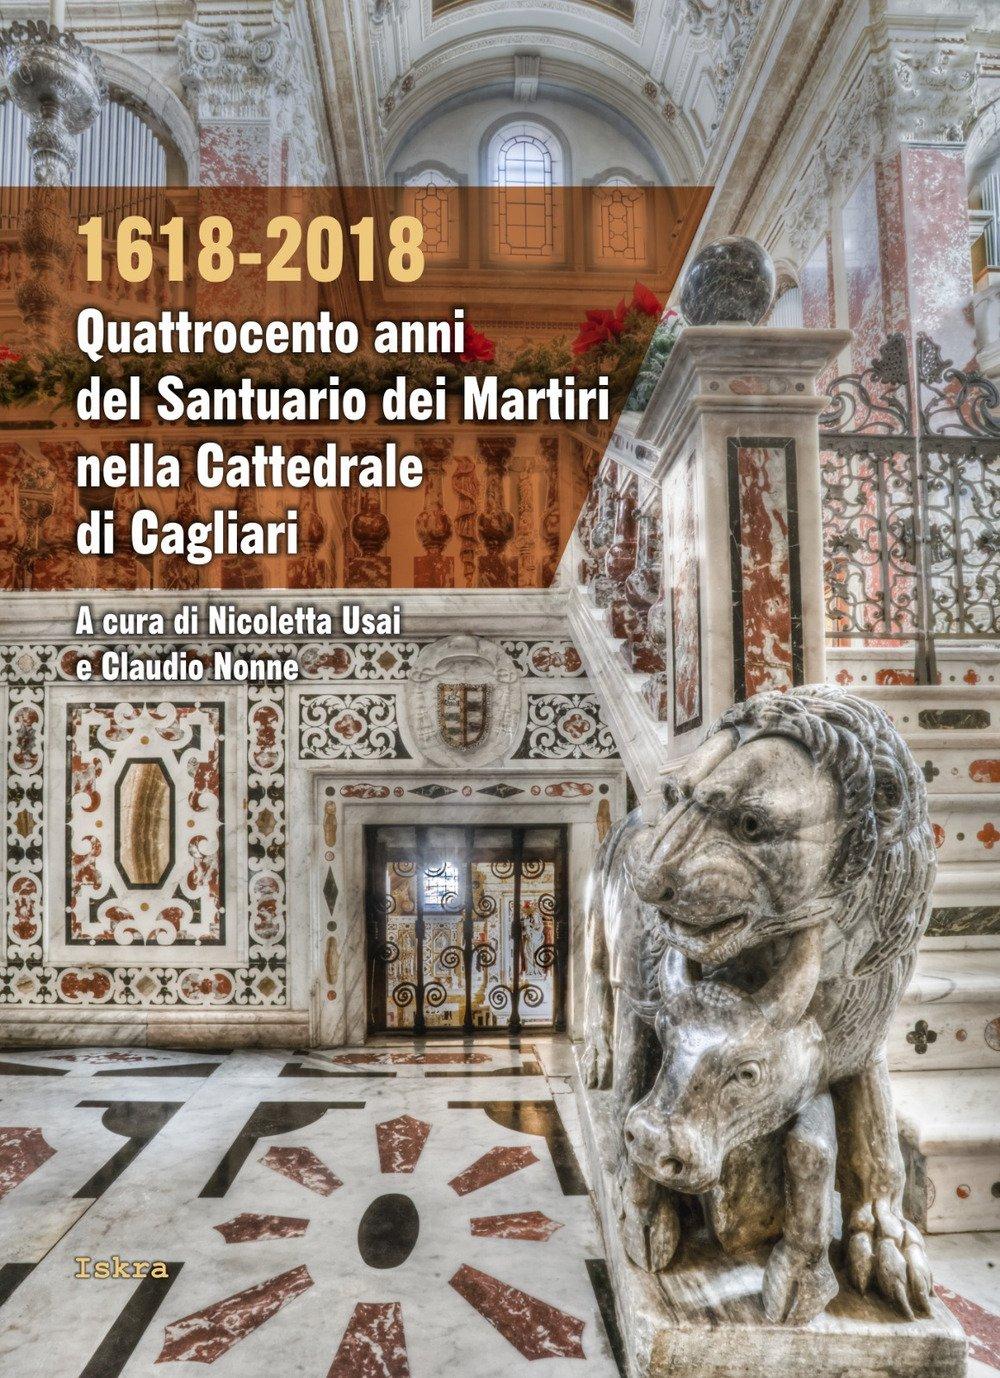 1618-2018. Quattrocento anni del Santuario dei Martiri nella Cattedrale di Cagliari